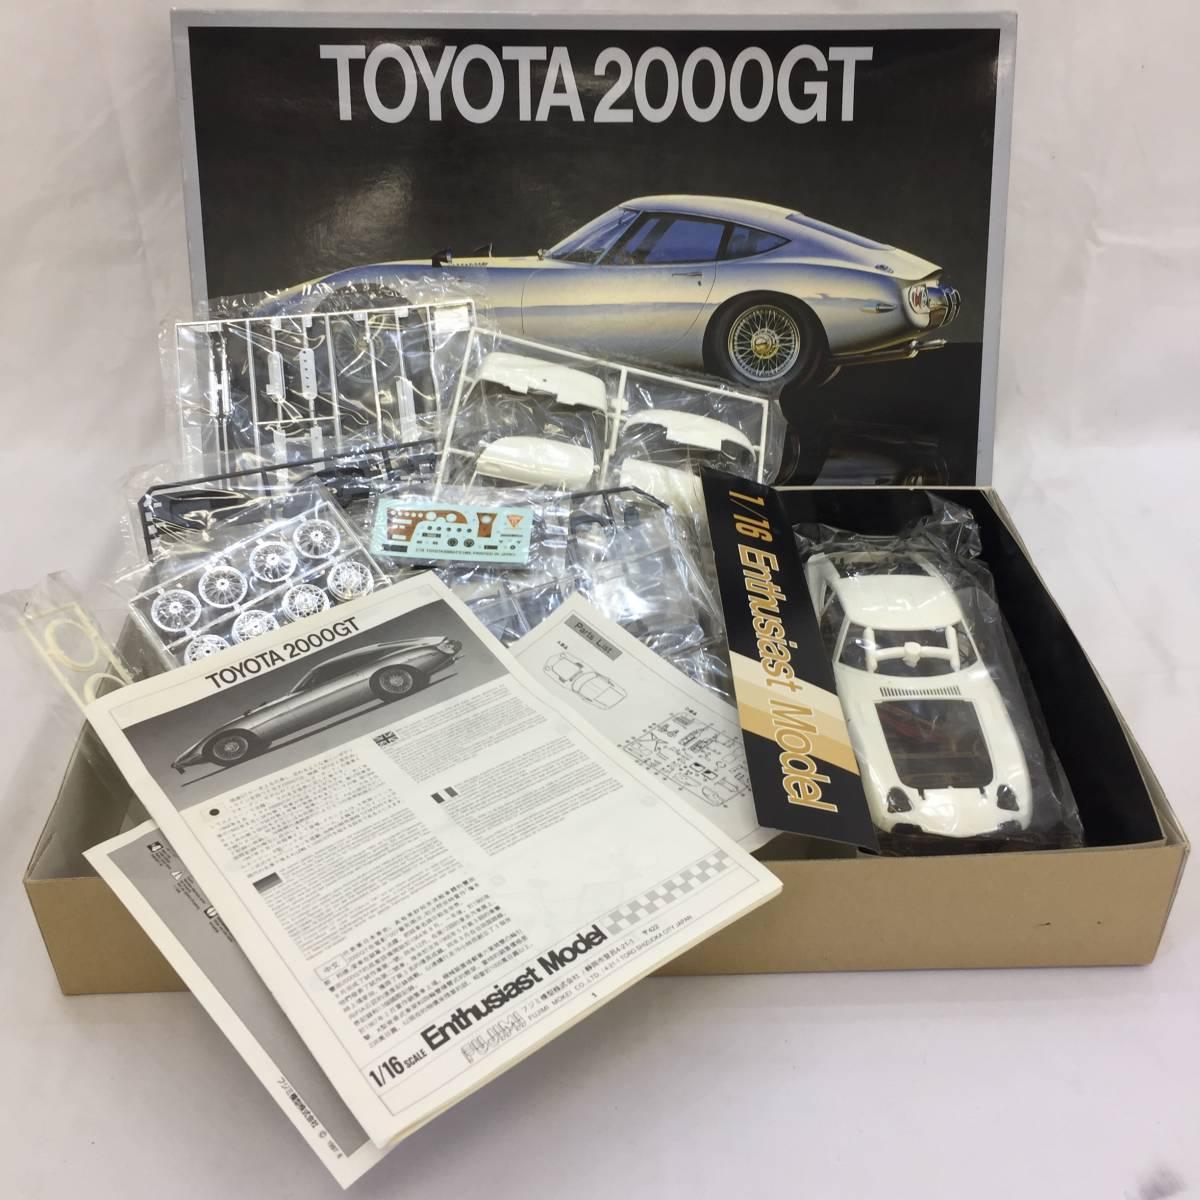 【990192】TOYOTA 2000GT シルバー 1/16 プラモデル 未組み立て